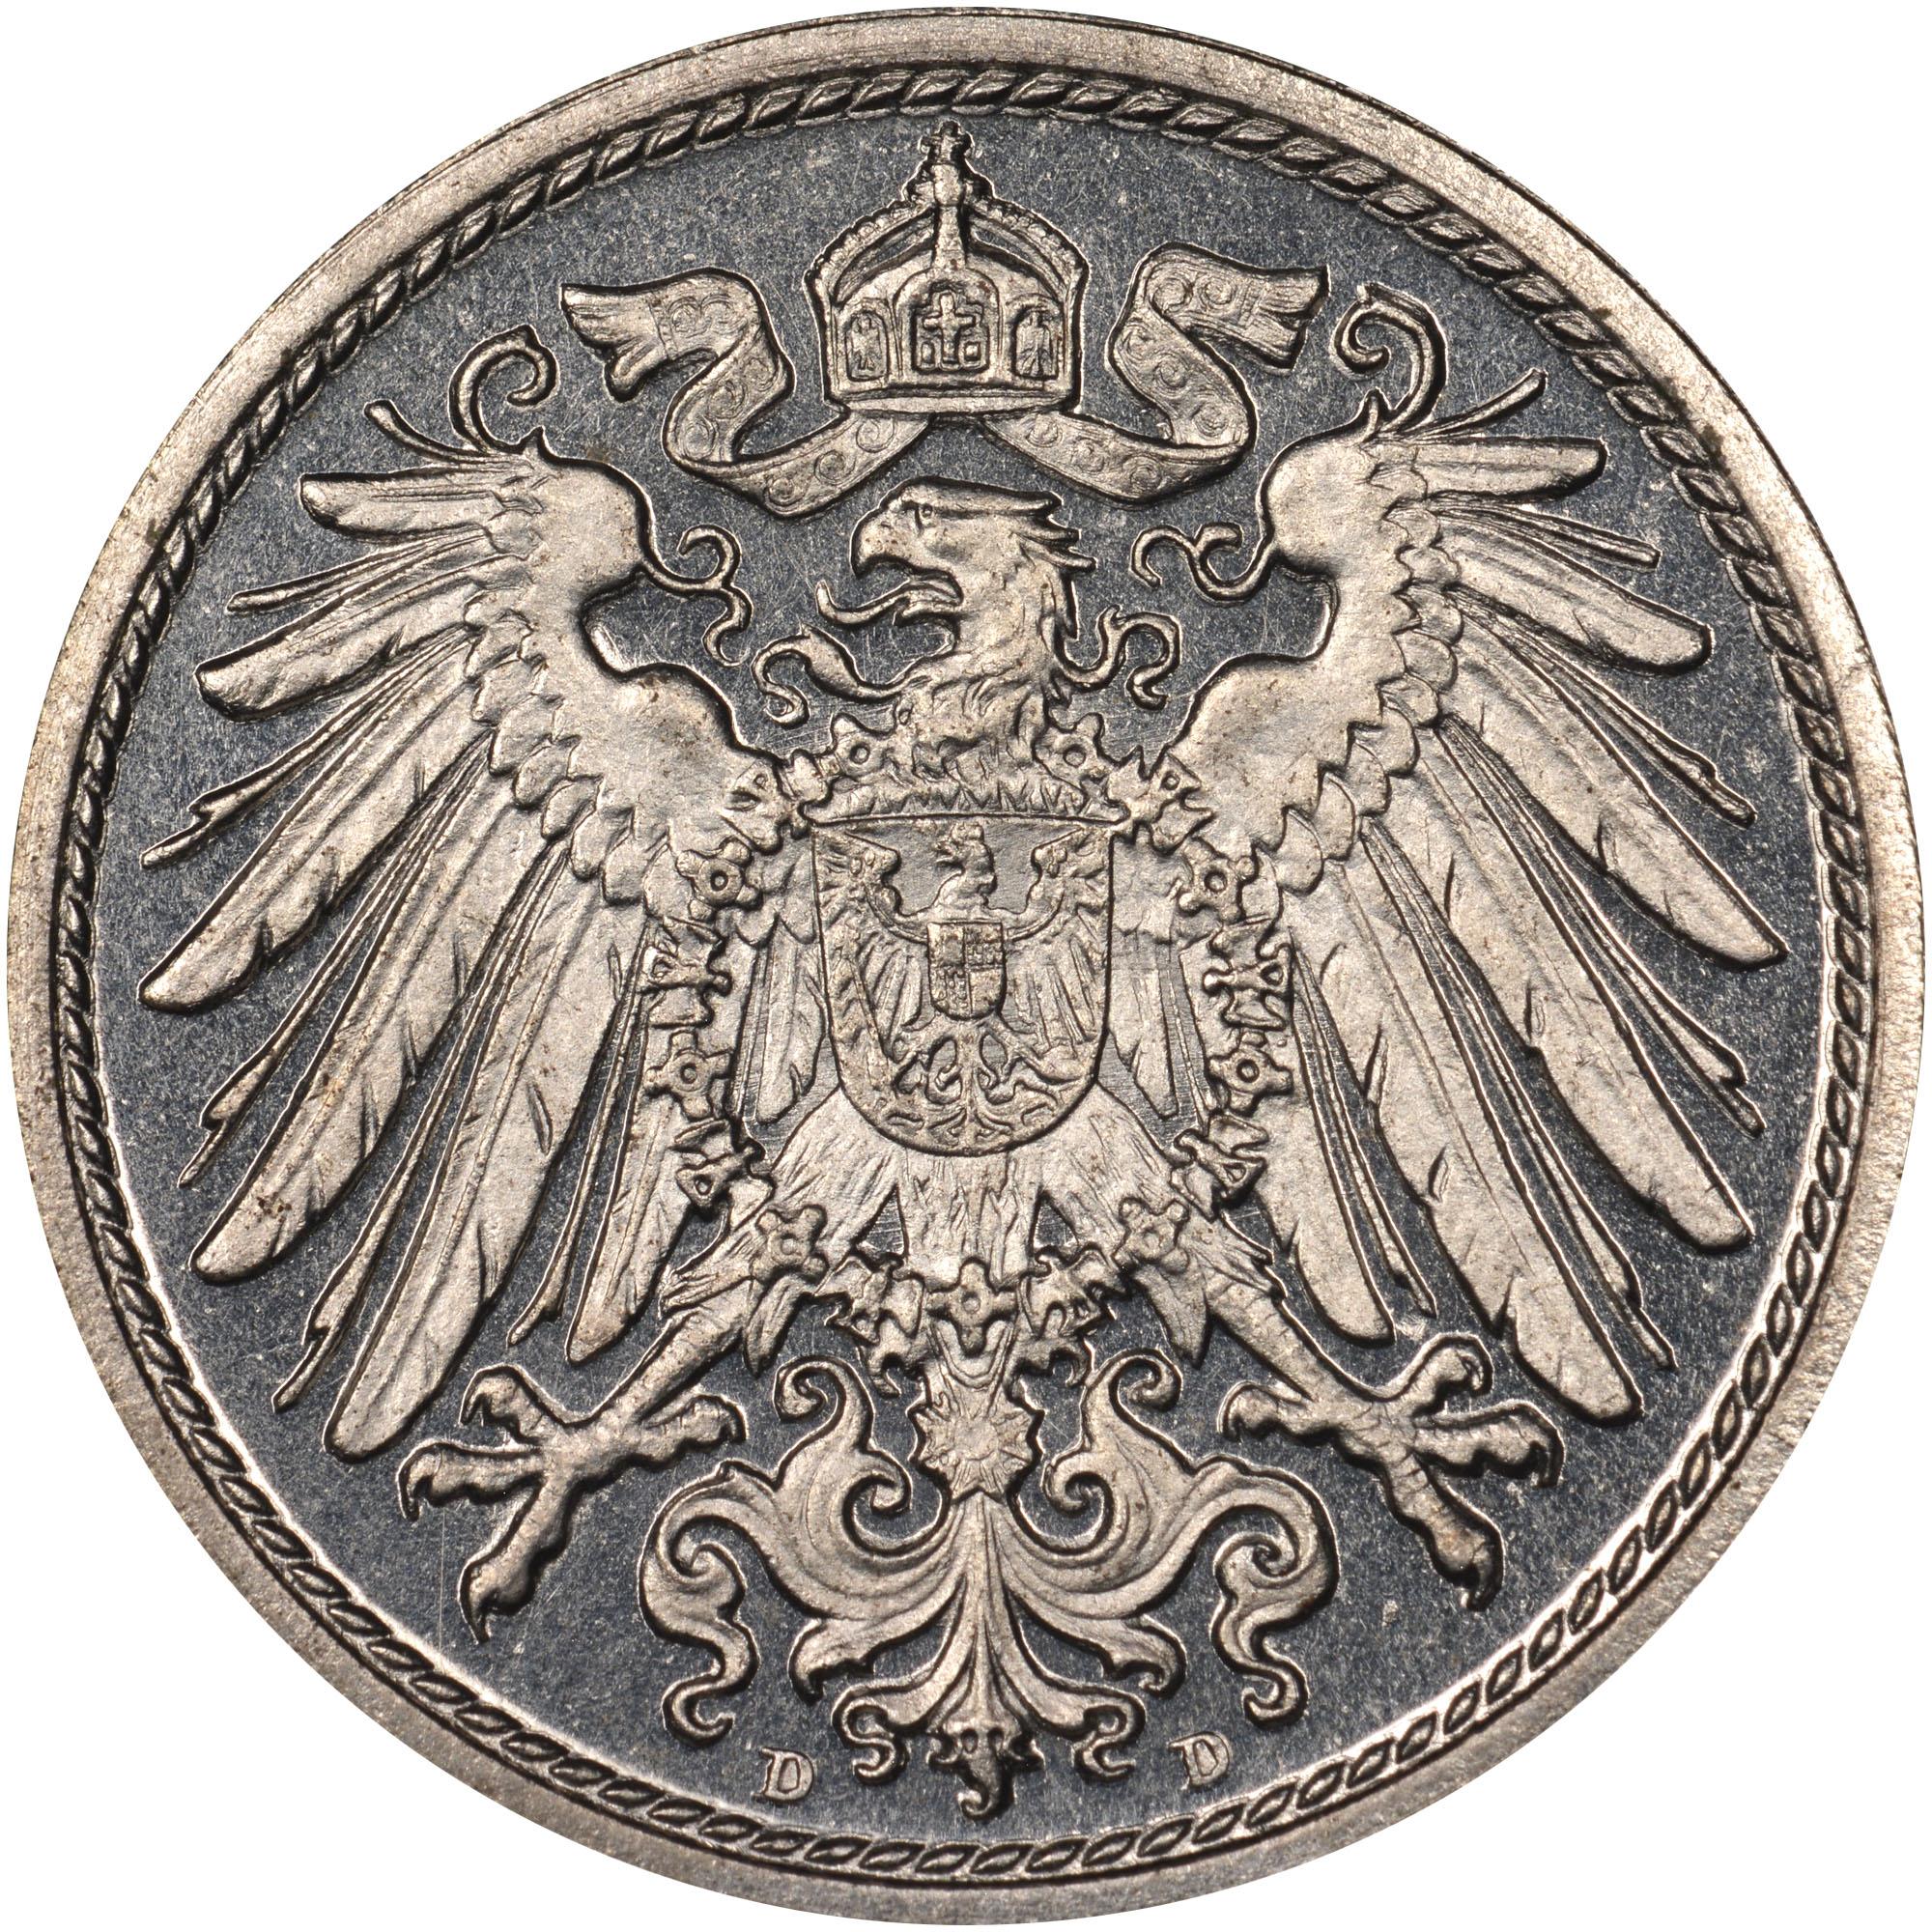 Deutsches reich 10 pfennig 1903 coin